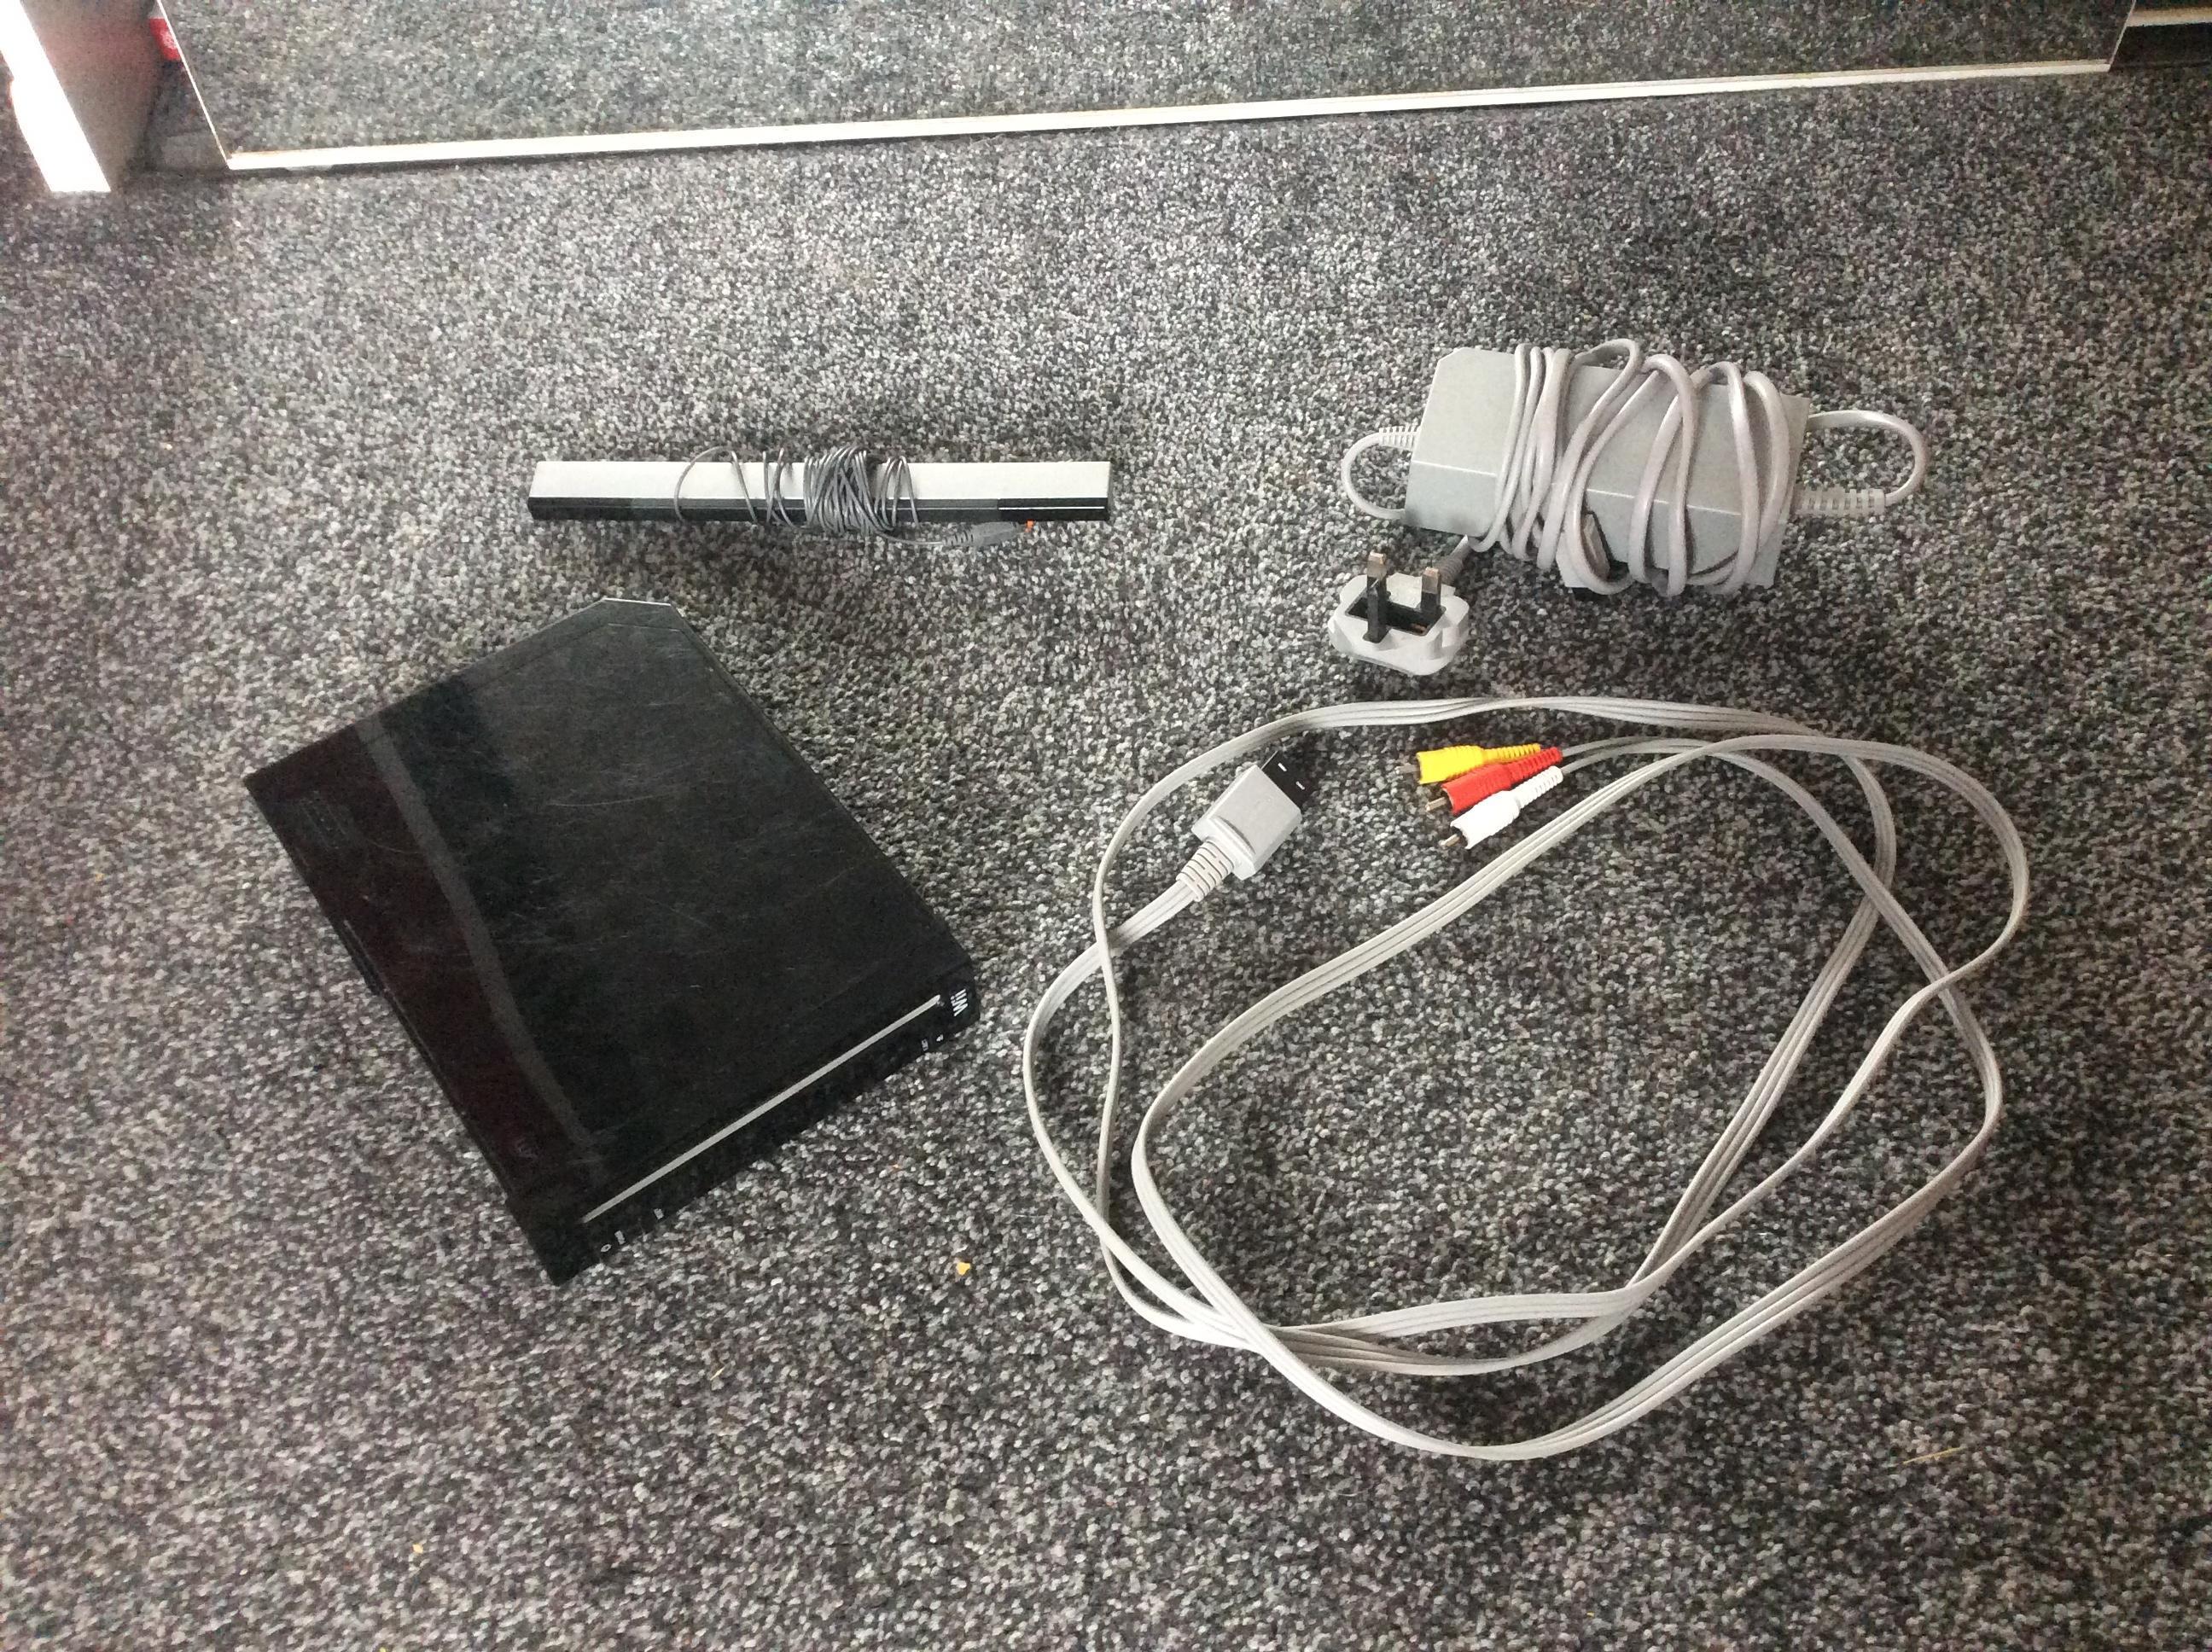 Nintendo Wii Black Edition - All wires, no remote